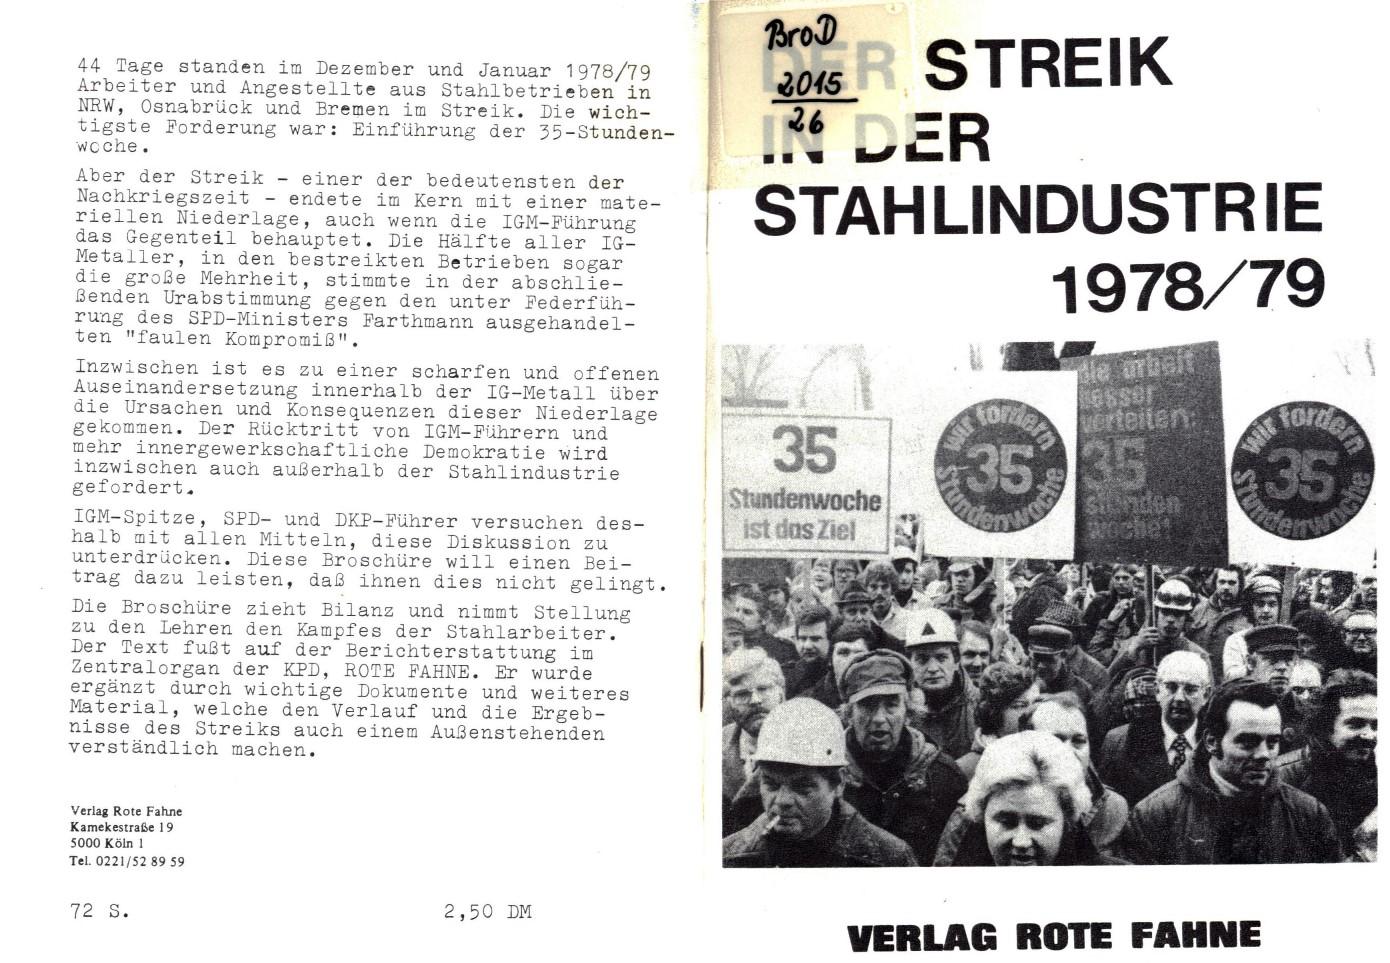 KPDAO_1979_Streik_in_der_Stahlindustrie_01